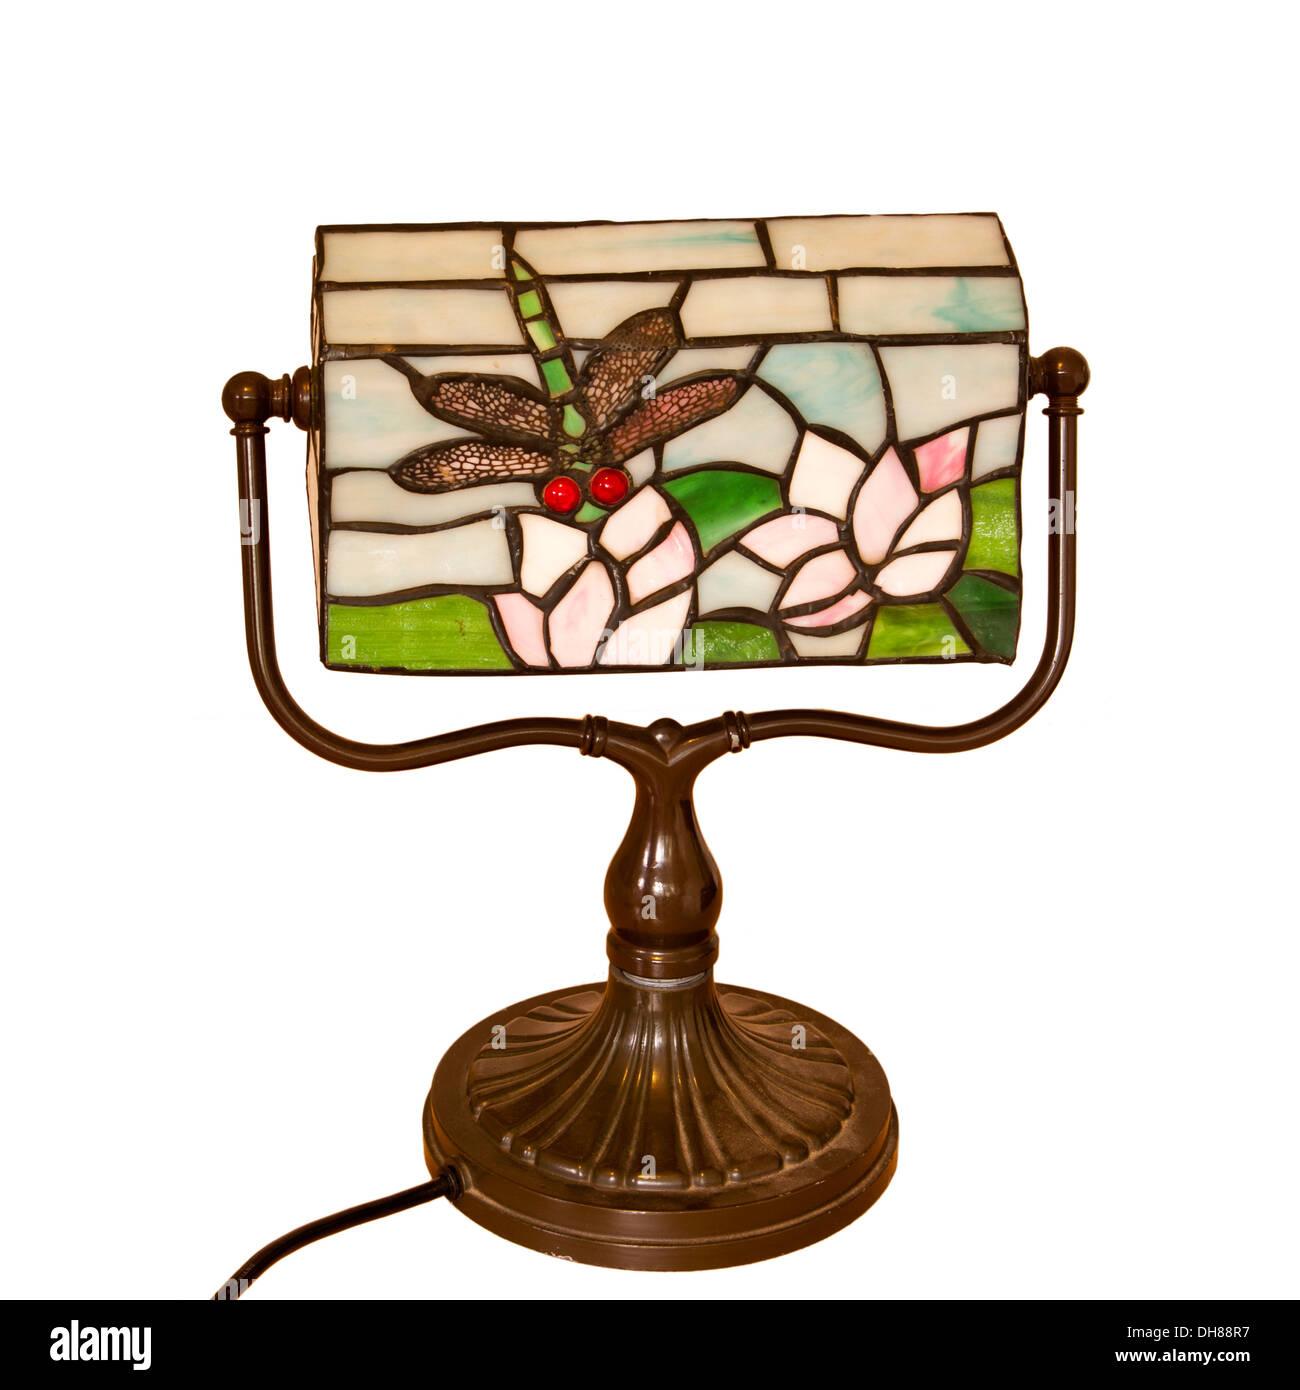 Desk Lamp Bankers lamps - Stock Image